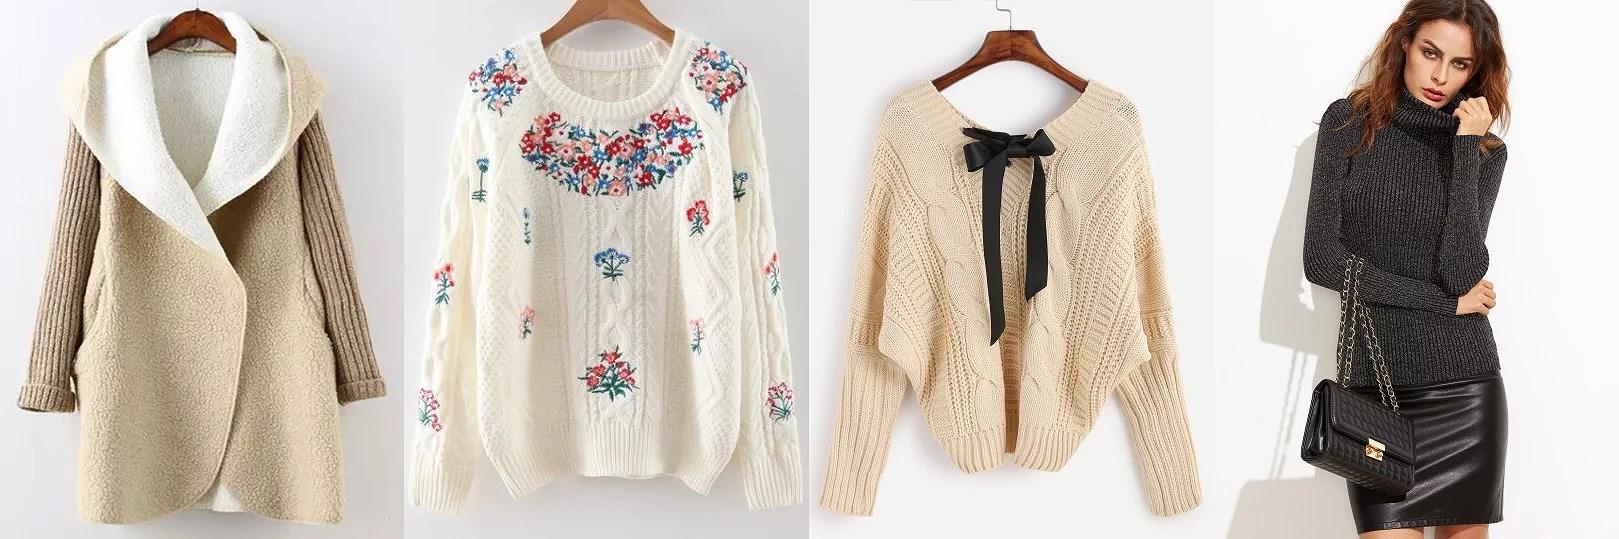 Inspiracje jesienne - swetry